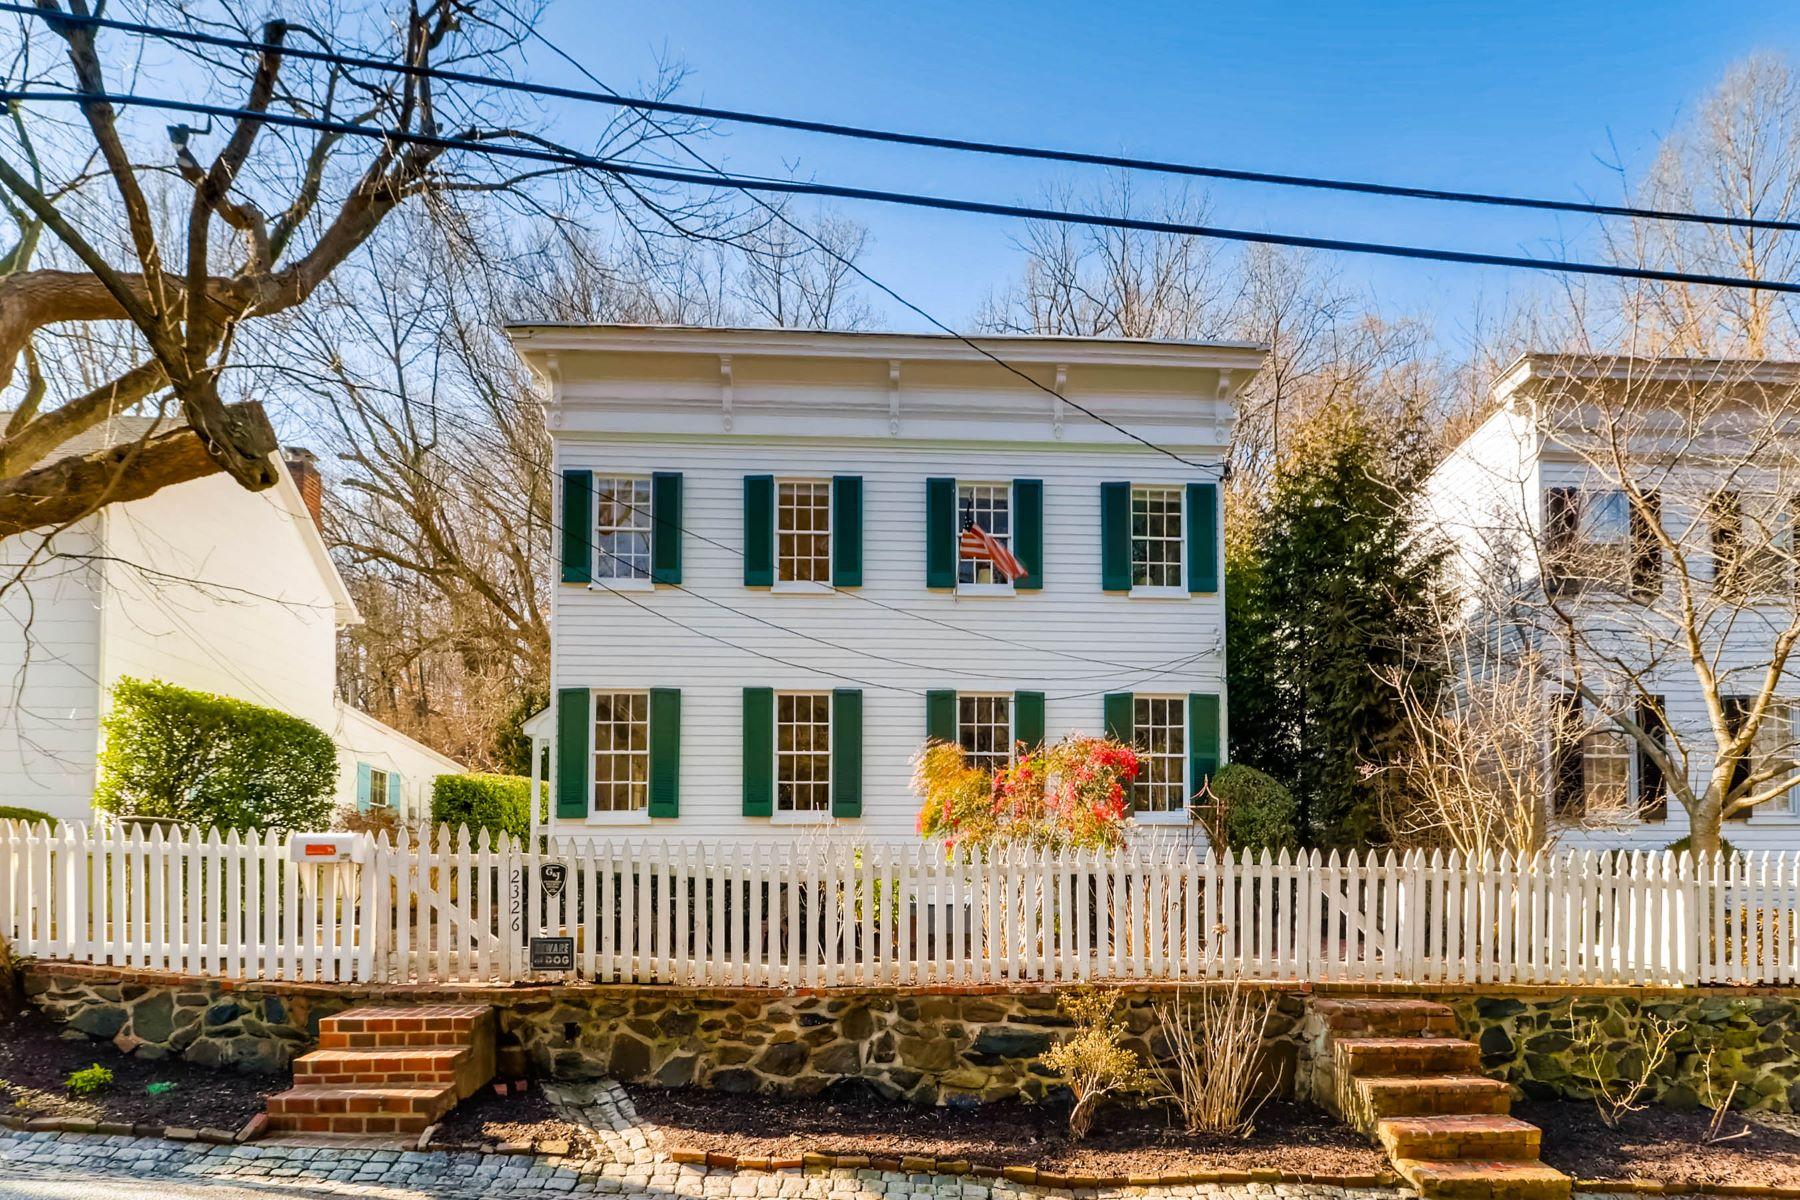 Частный односемейный дом для того Продажа на Dickeyville 2326 Pickwick Road, Dickeyville, Baltimore, Мэриленд, 21207 Соединенные Штаты